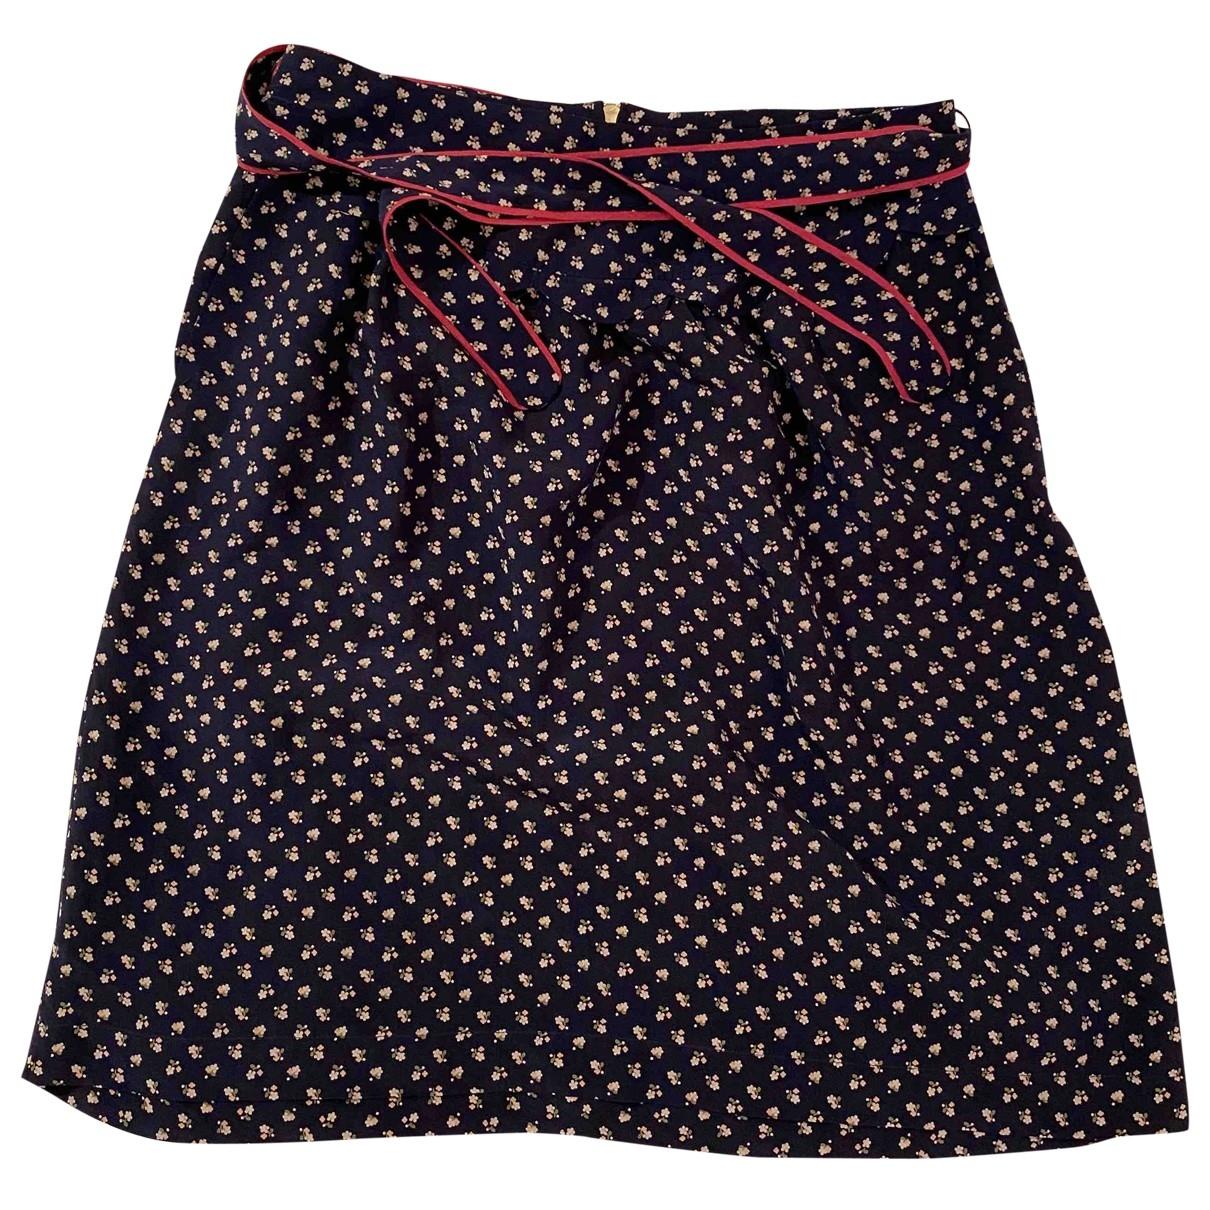 Sandro \N Silk skirt for Women 2 0-5